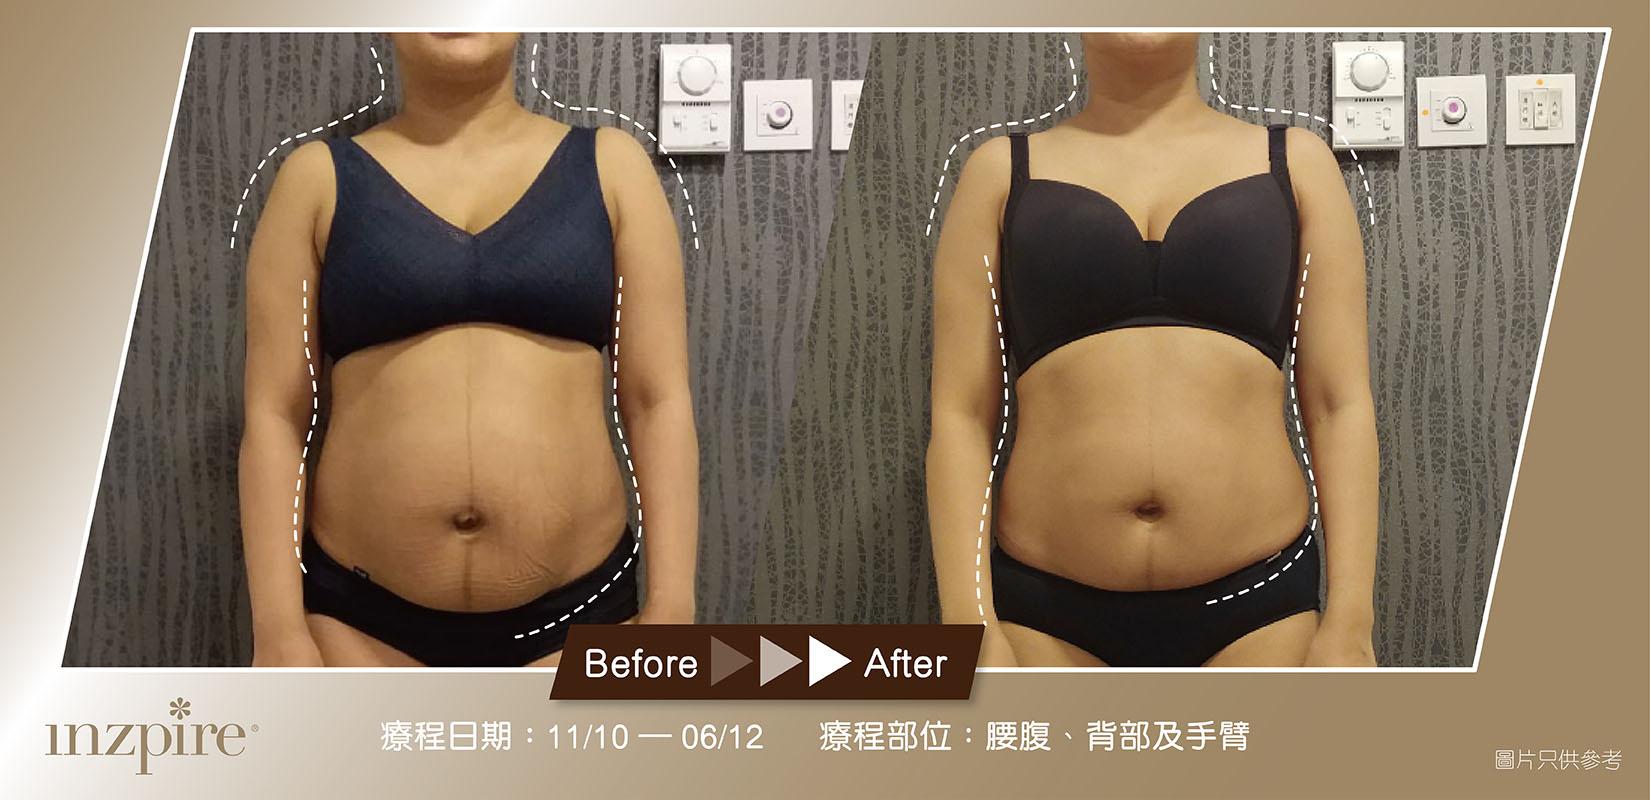 Inzpire 經絡深層刮痧排毒護理 網上優惠 瘦身修身減肥產後 對比圖